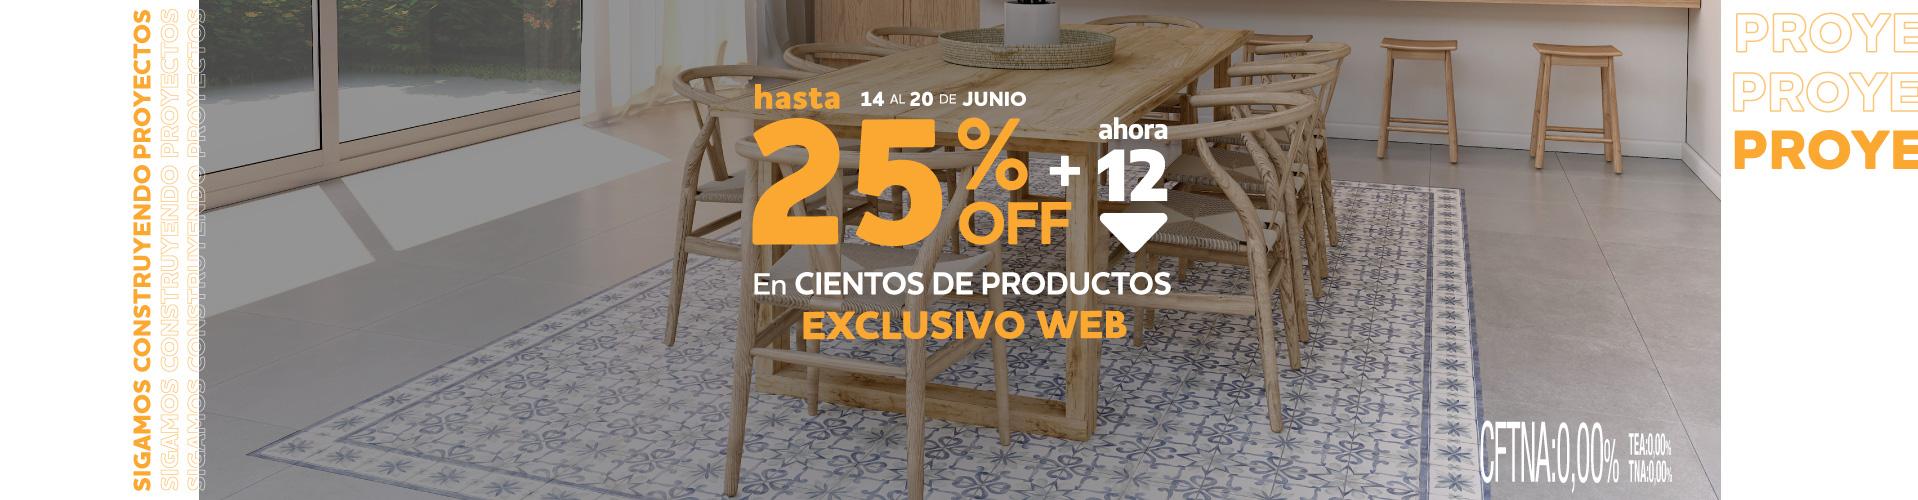 Exclusiva WEB 14 al 20 Hasta 25% en cientos de productos